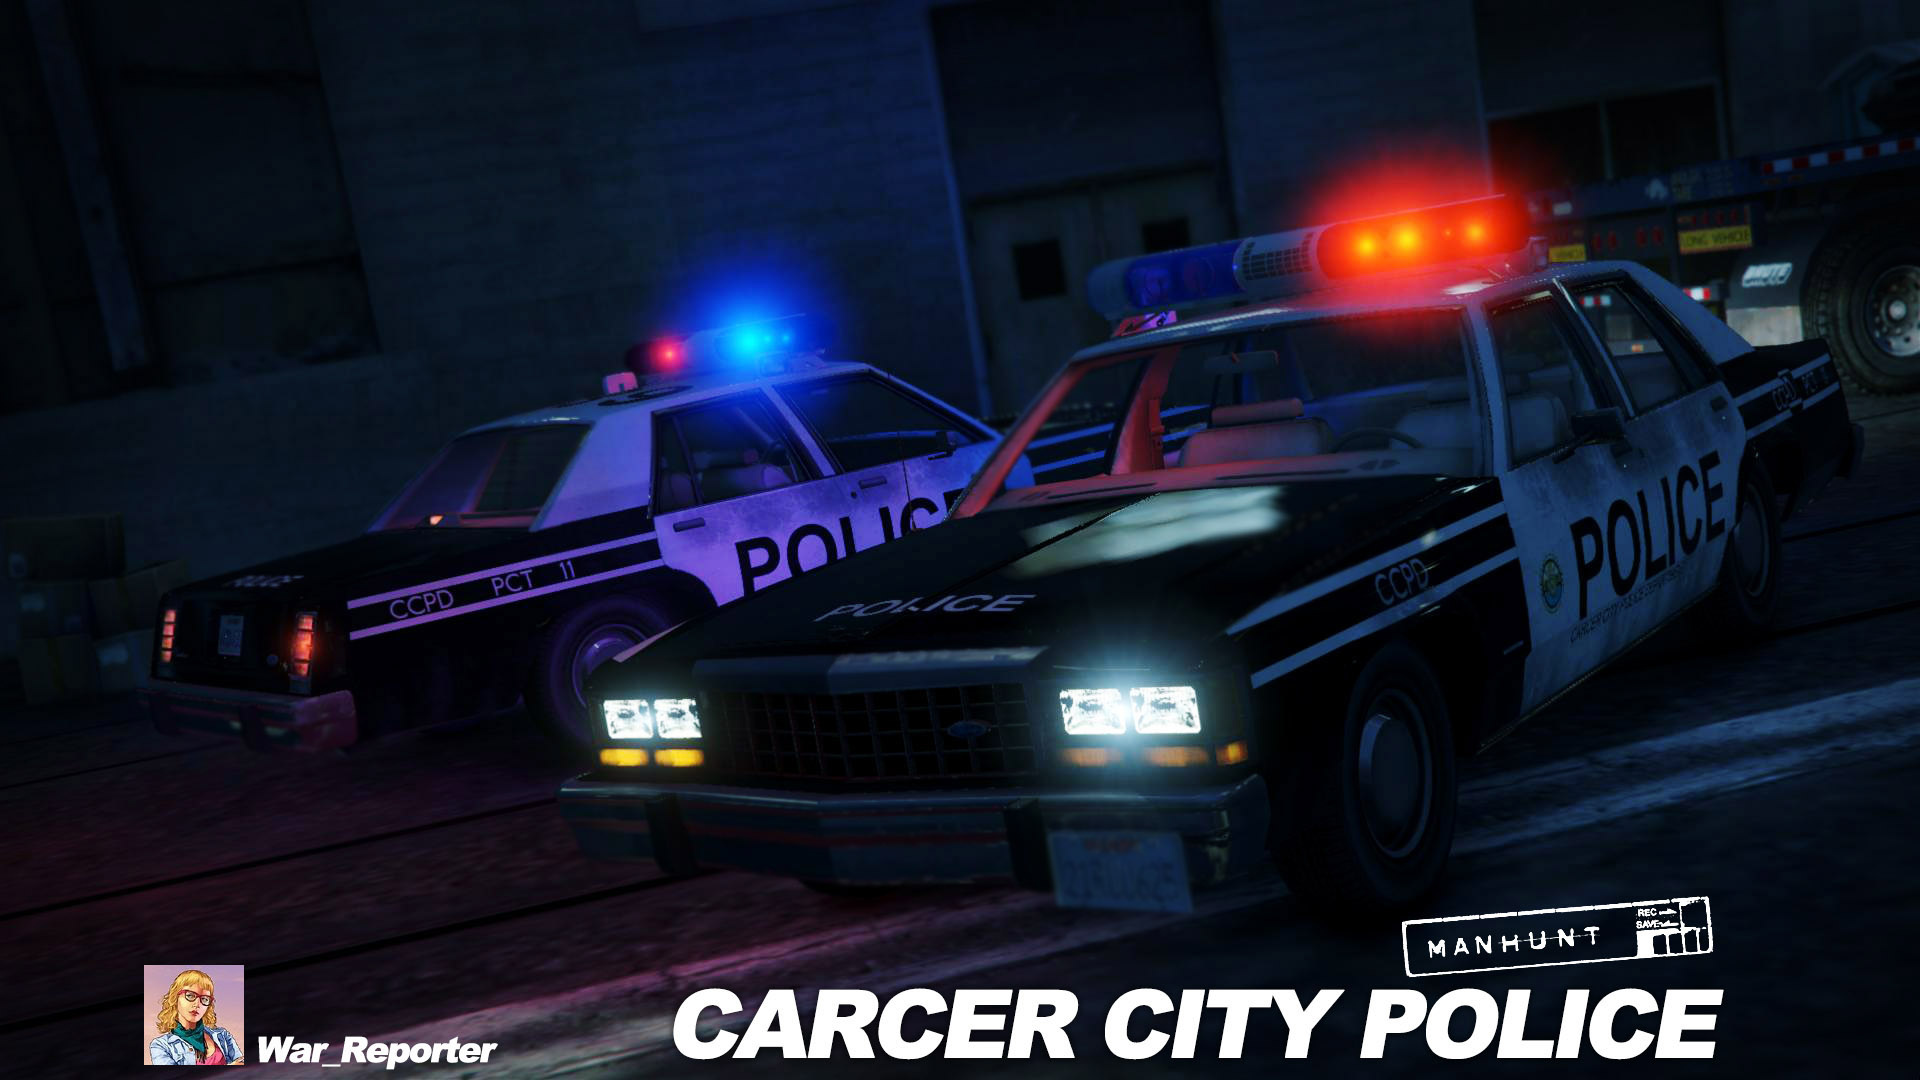 1987 Ford Ltd Carcer City Police In Manhunt Skin Gta5 Modscom